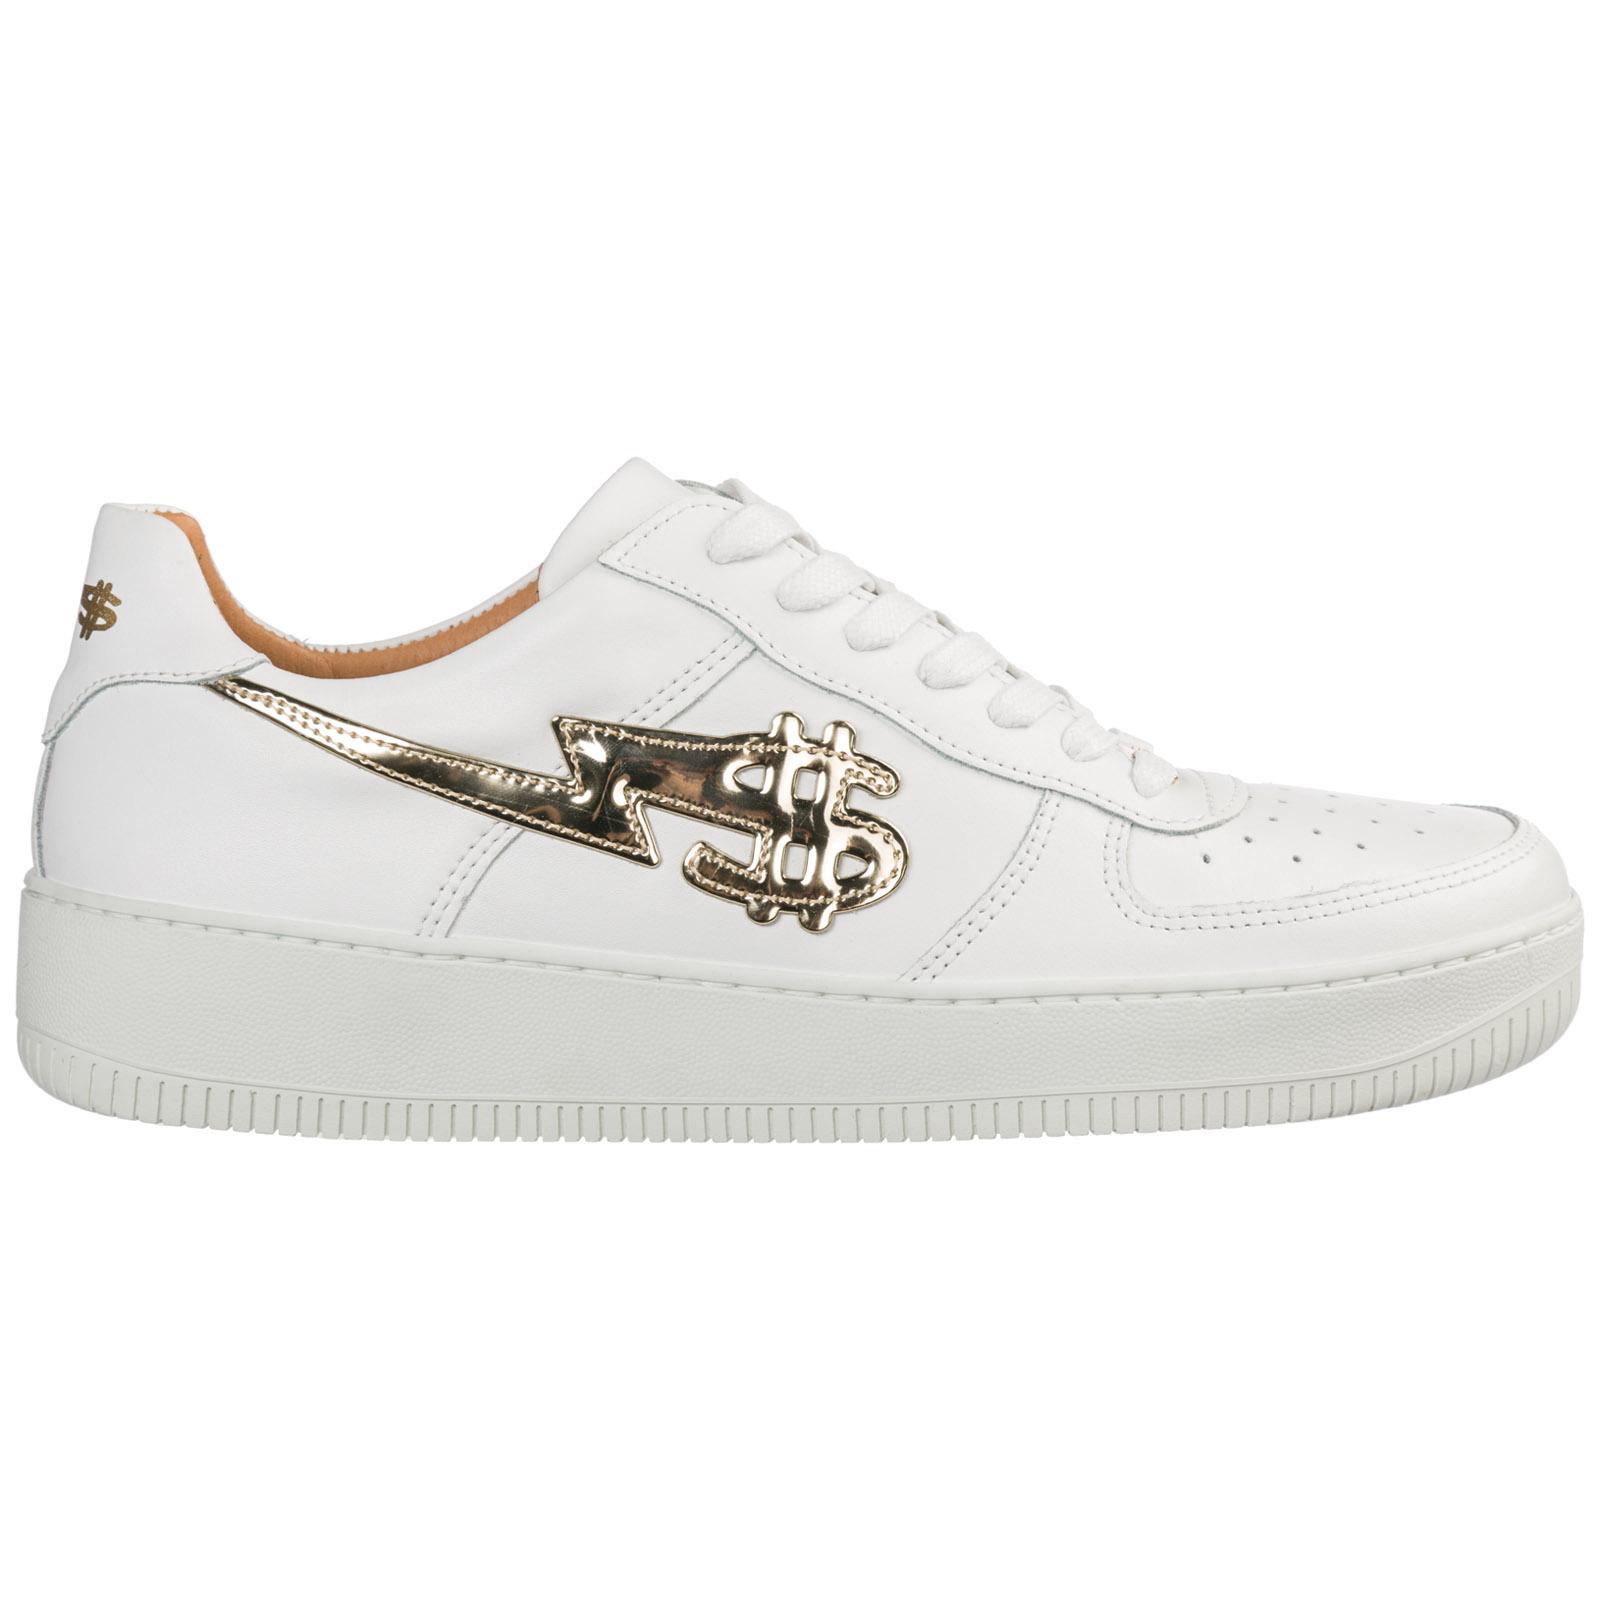 En Homme Baskets Sneakers Chaussures Cuir LUzpqSVMGj